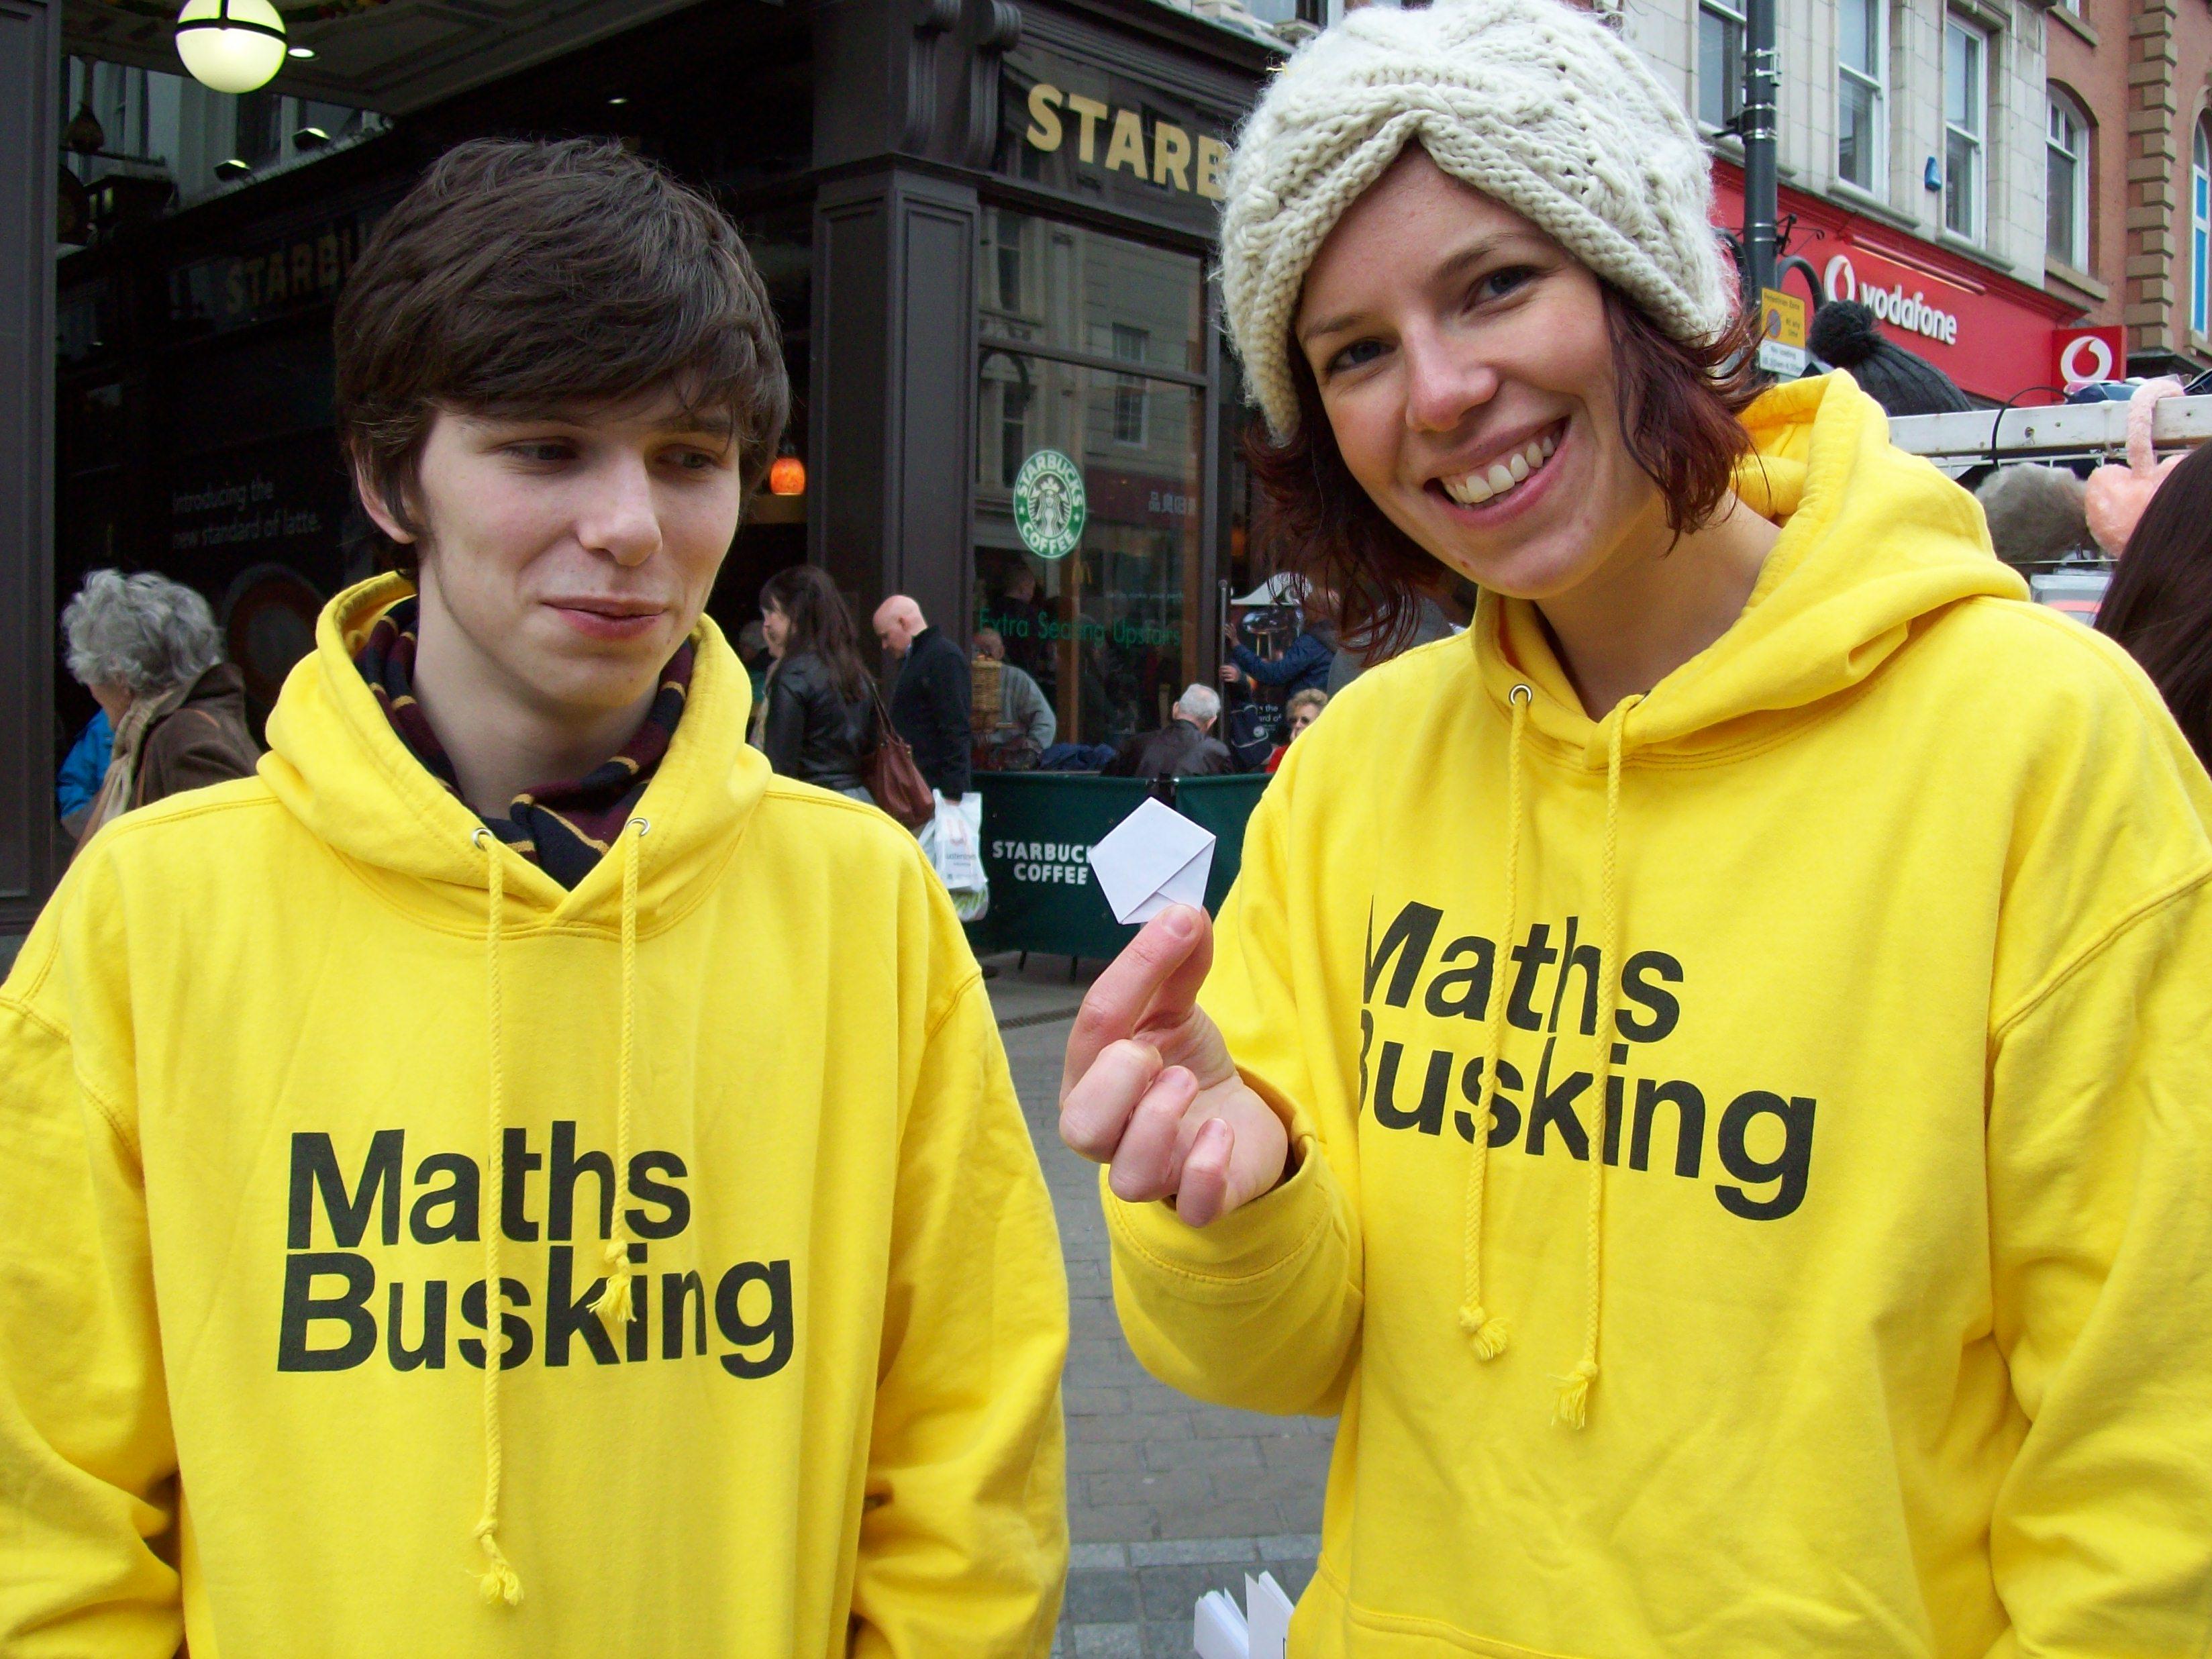 Maths Busking in Leeds